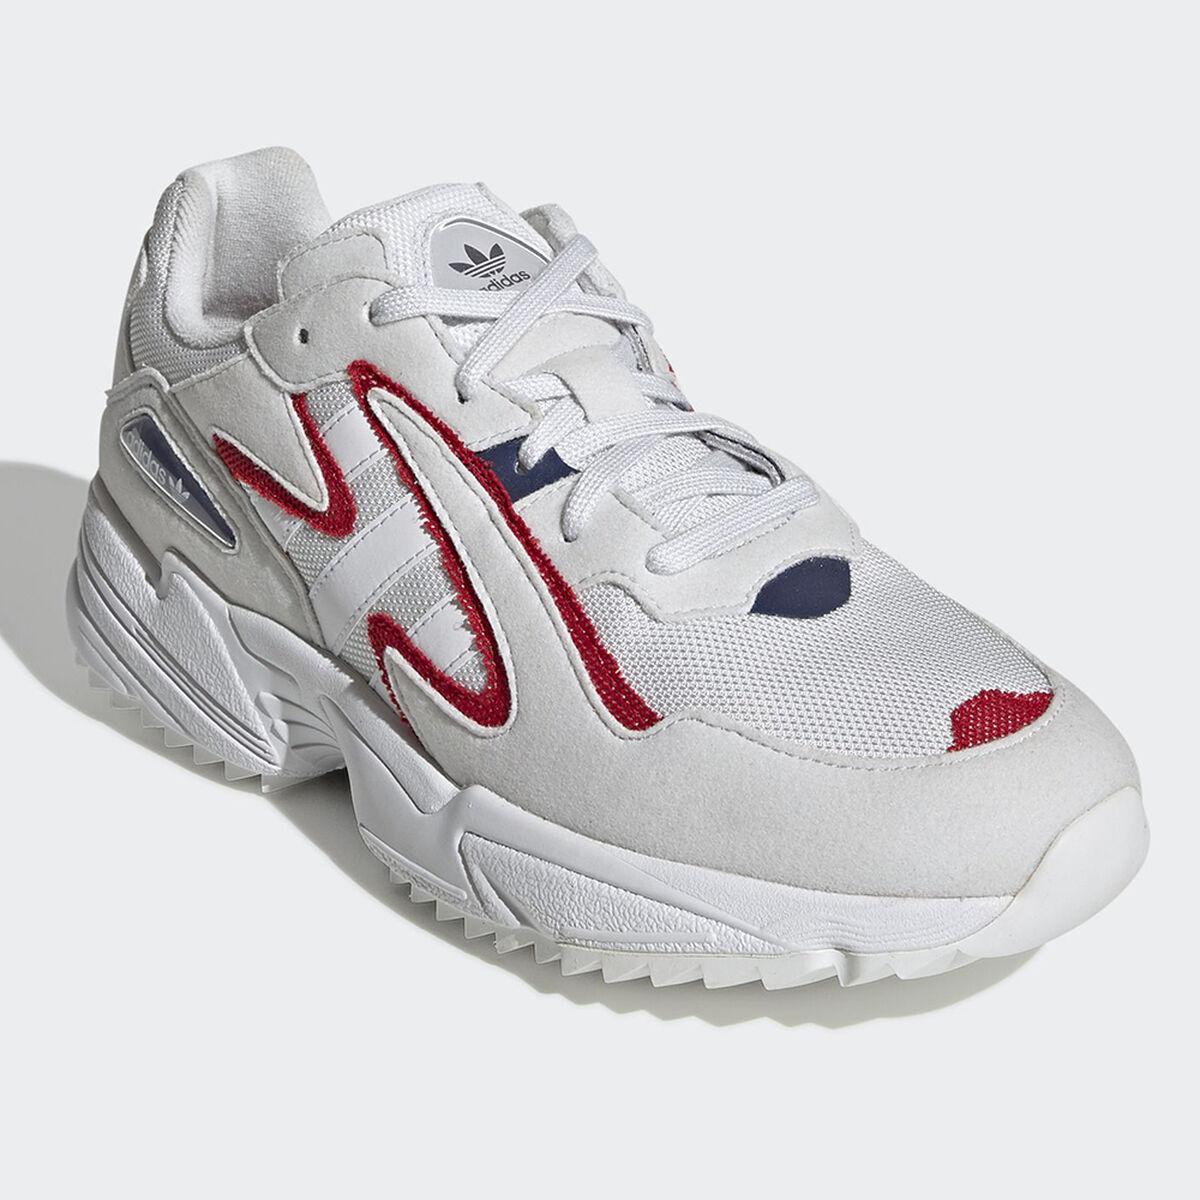 Zapatilla Hombre Adidas Yung-96 Chasm